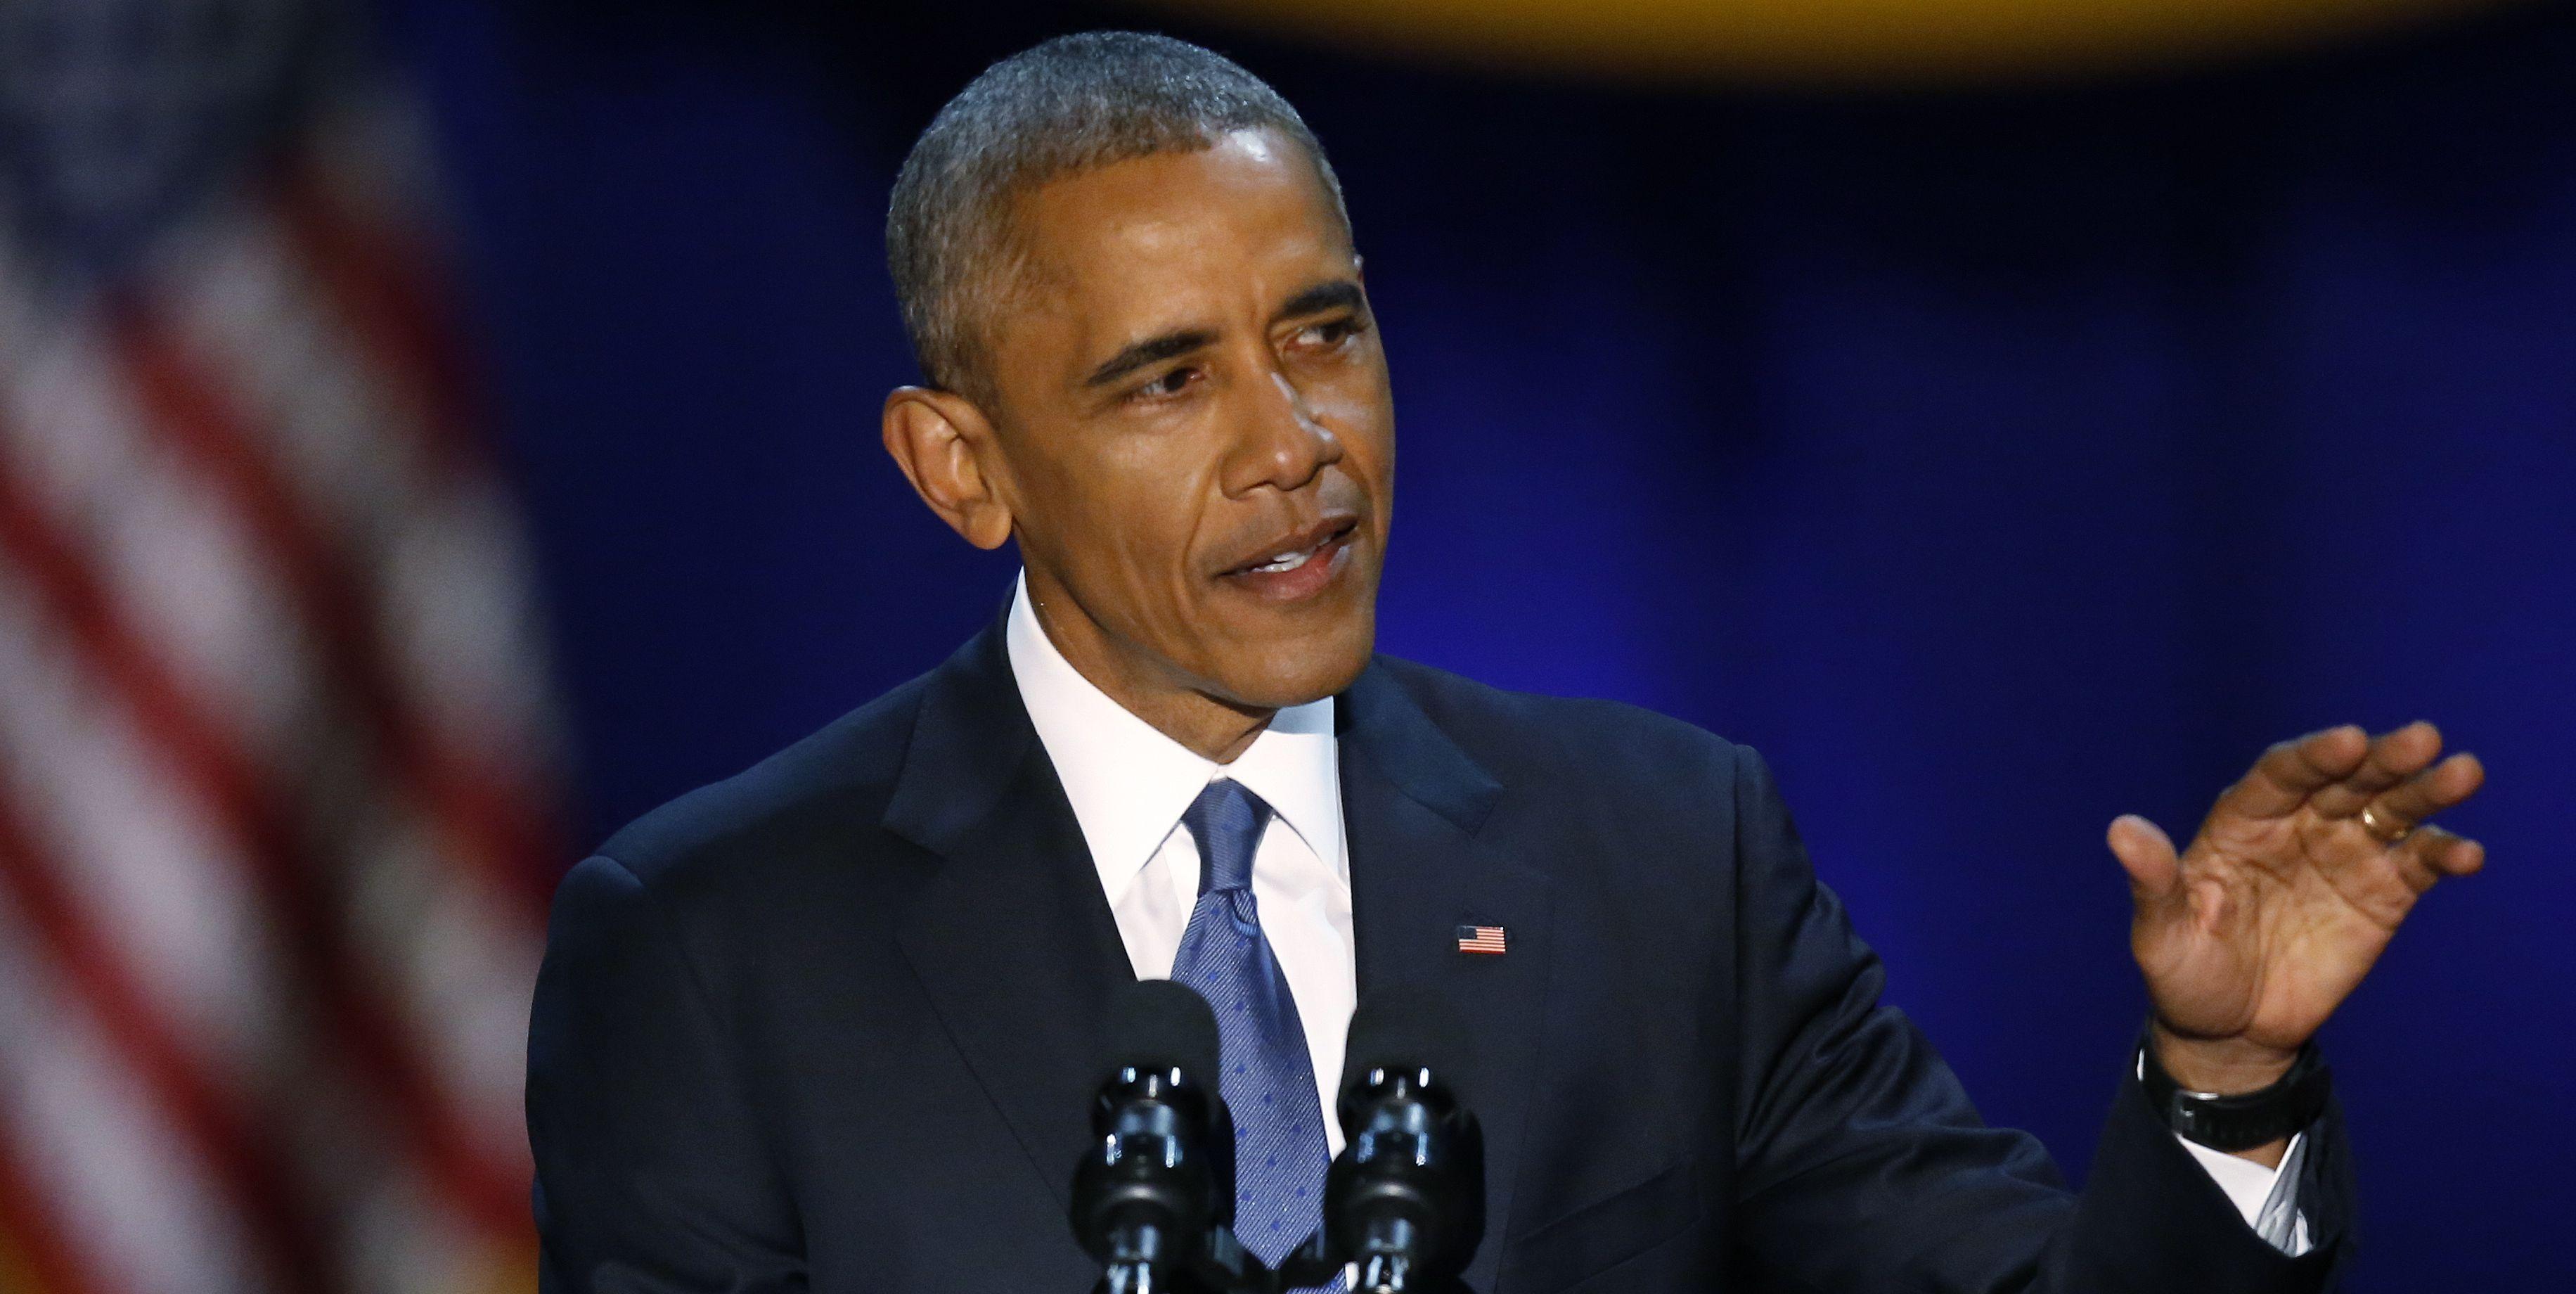 Here's the Full Transcript of Obama's Farewell Address